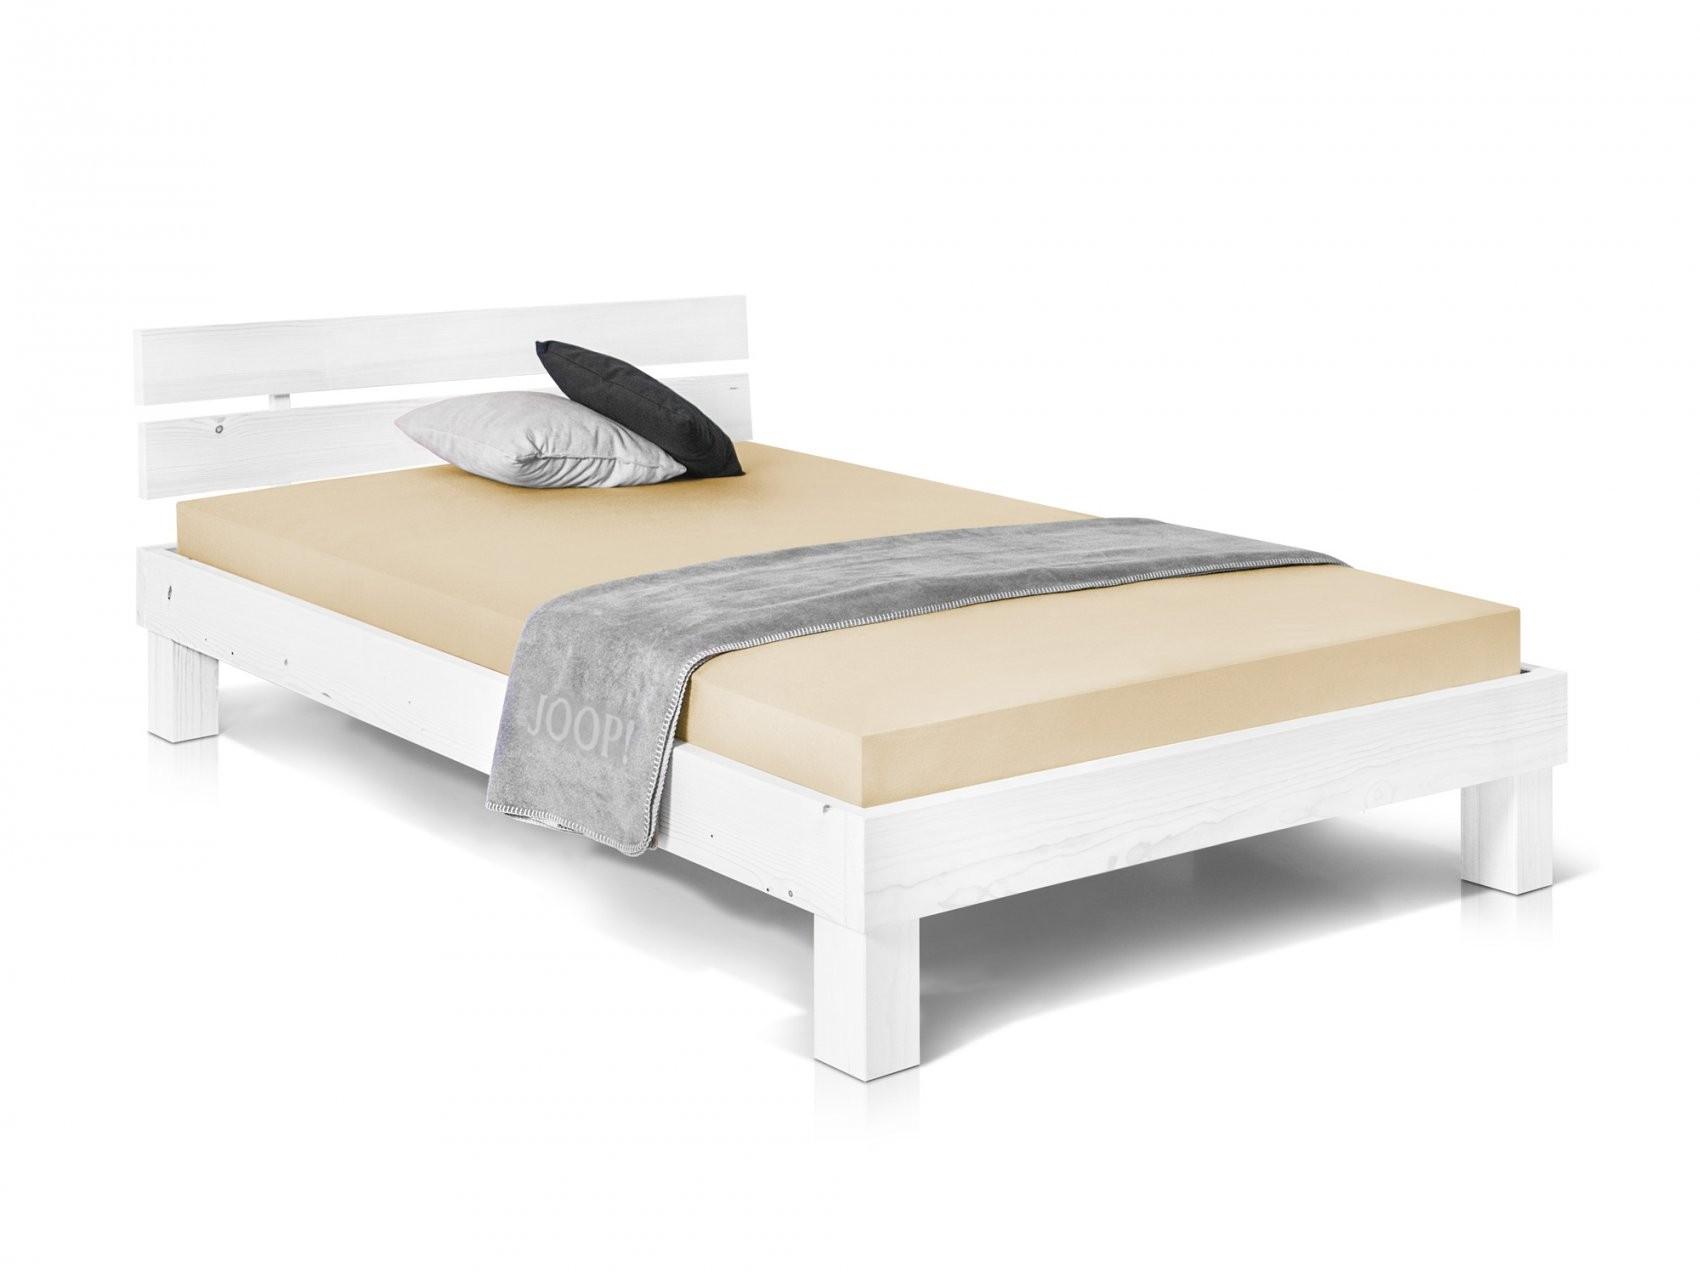 Pumba Singlebett Bett Futonbett 140X200 Fichte Massiv Weiß Weiss von Bettgestell 140X200 Weiß Holz Bild